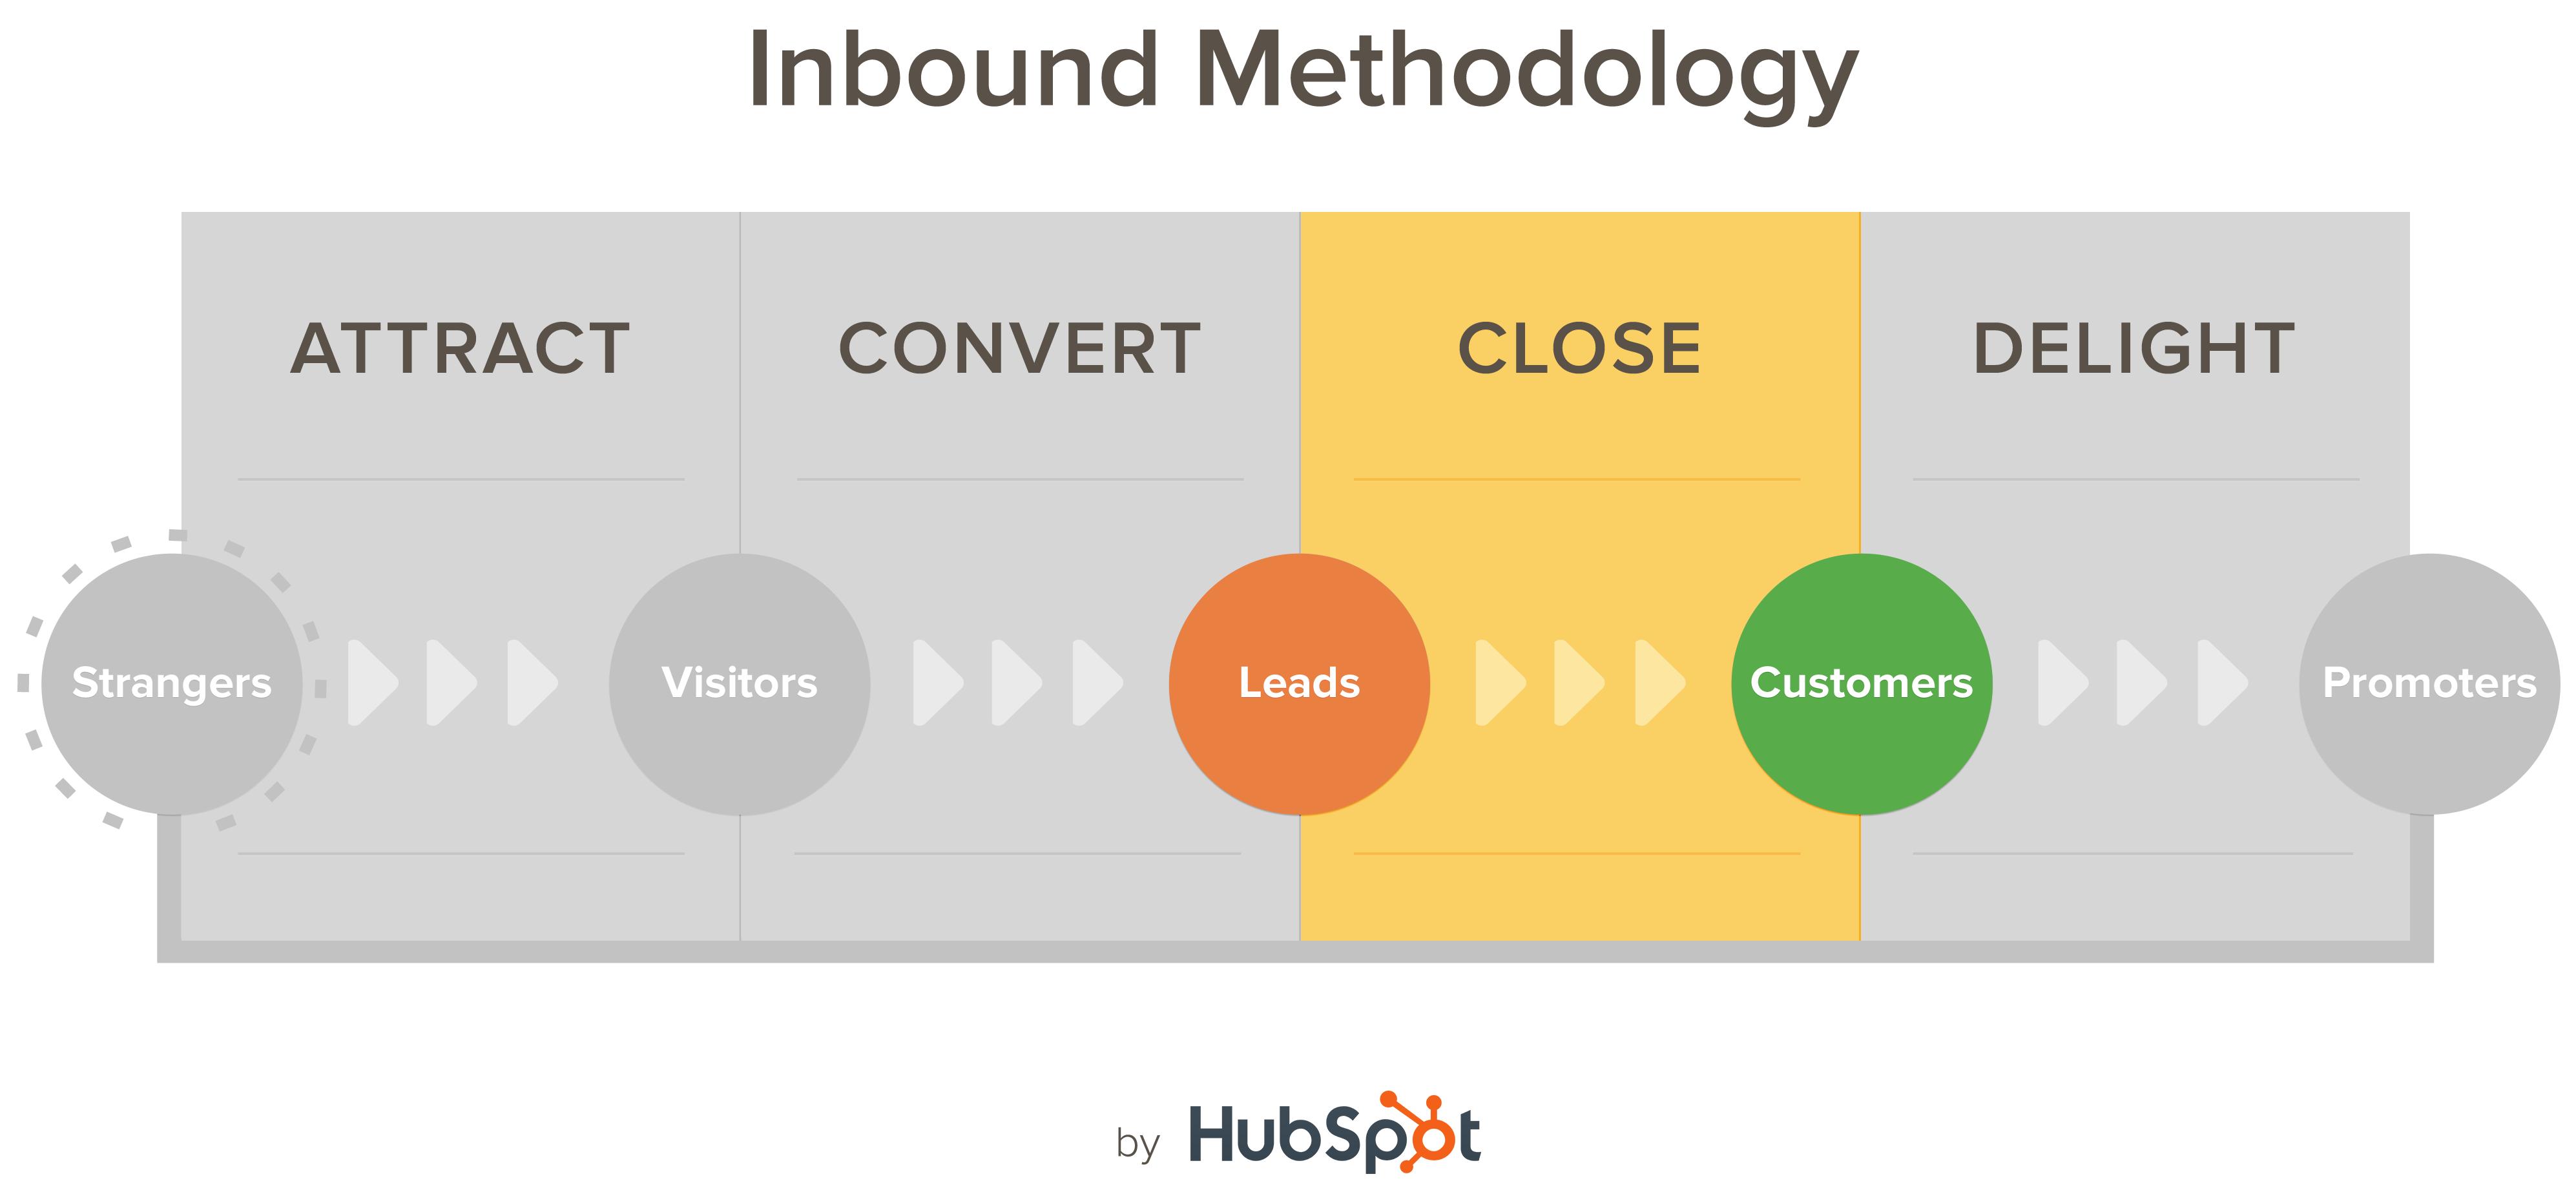 hubspot-inbound-methodology-leads.png